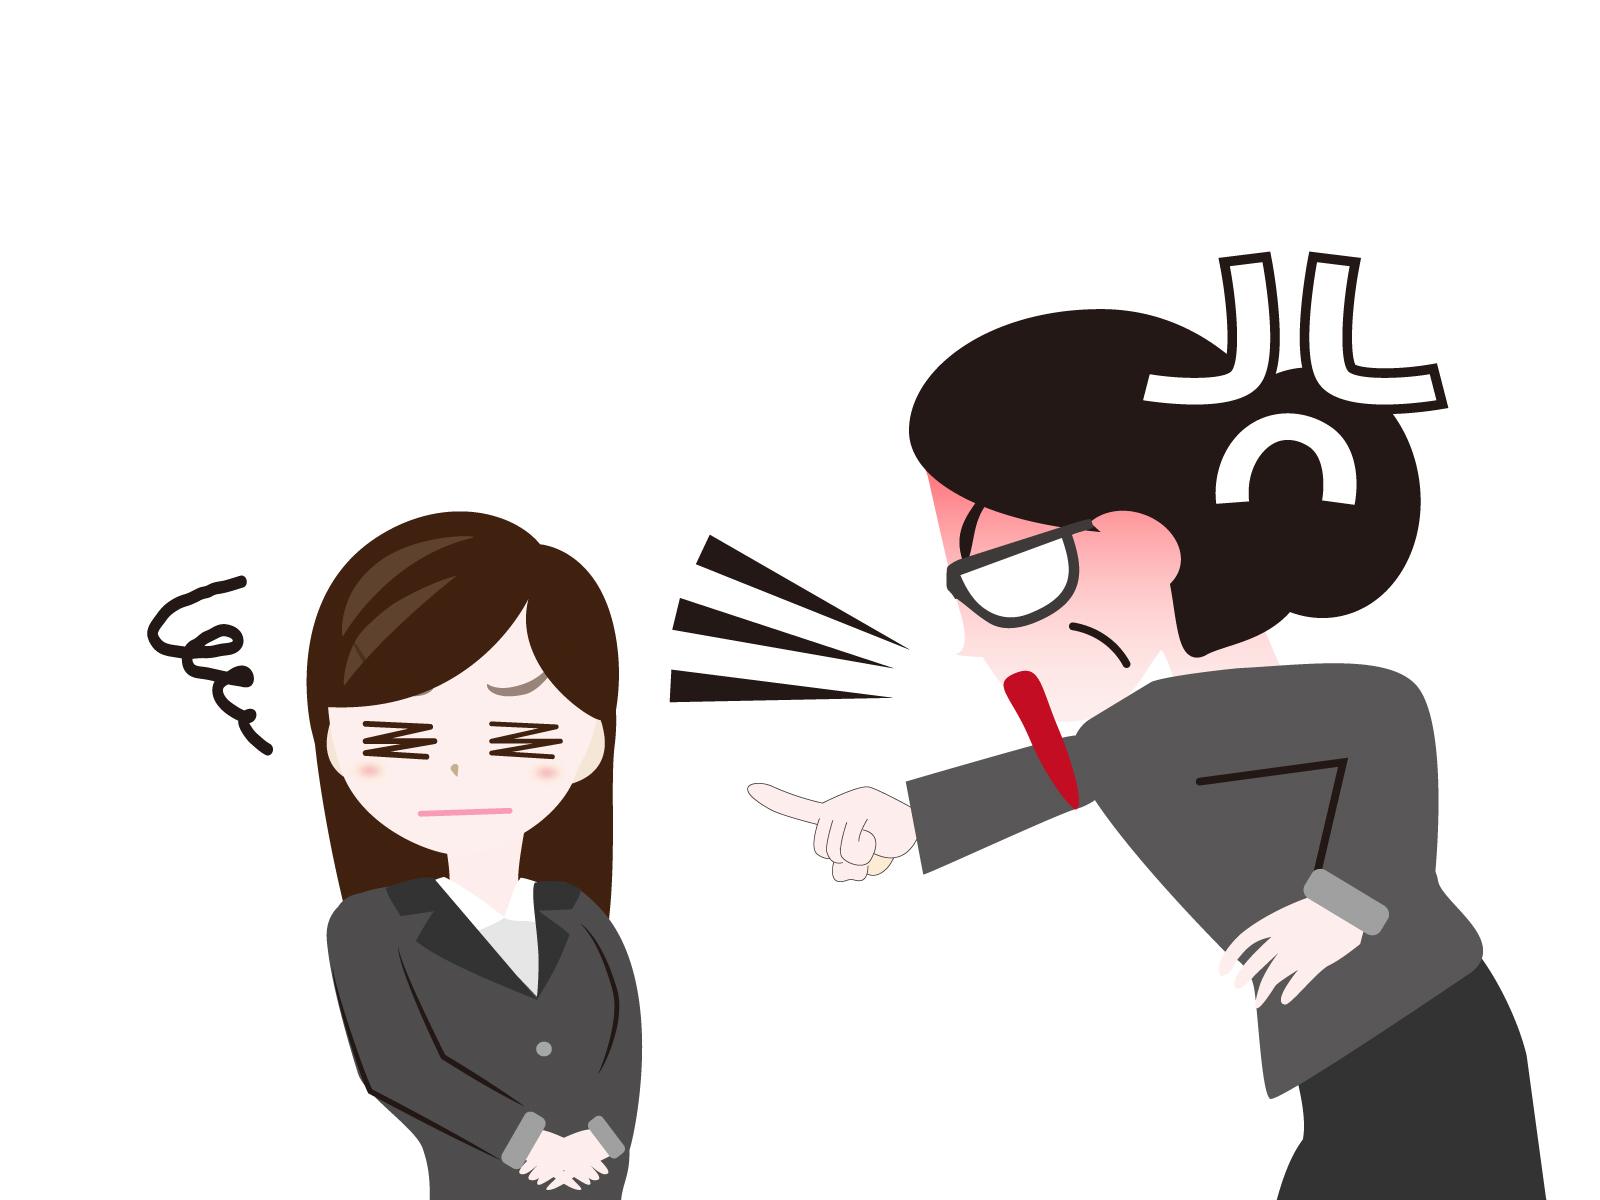 会社の同僚とうまくいかない。いじめや嫌がらせをされてつらい時には